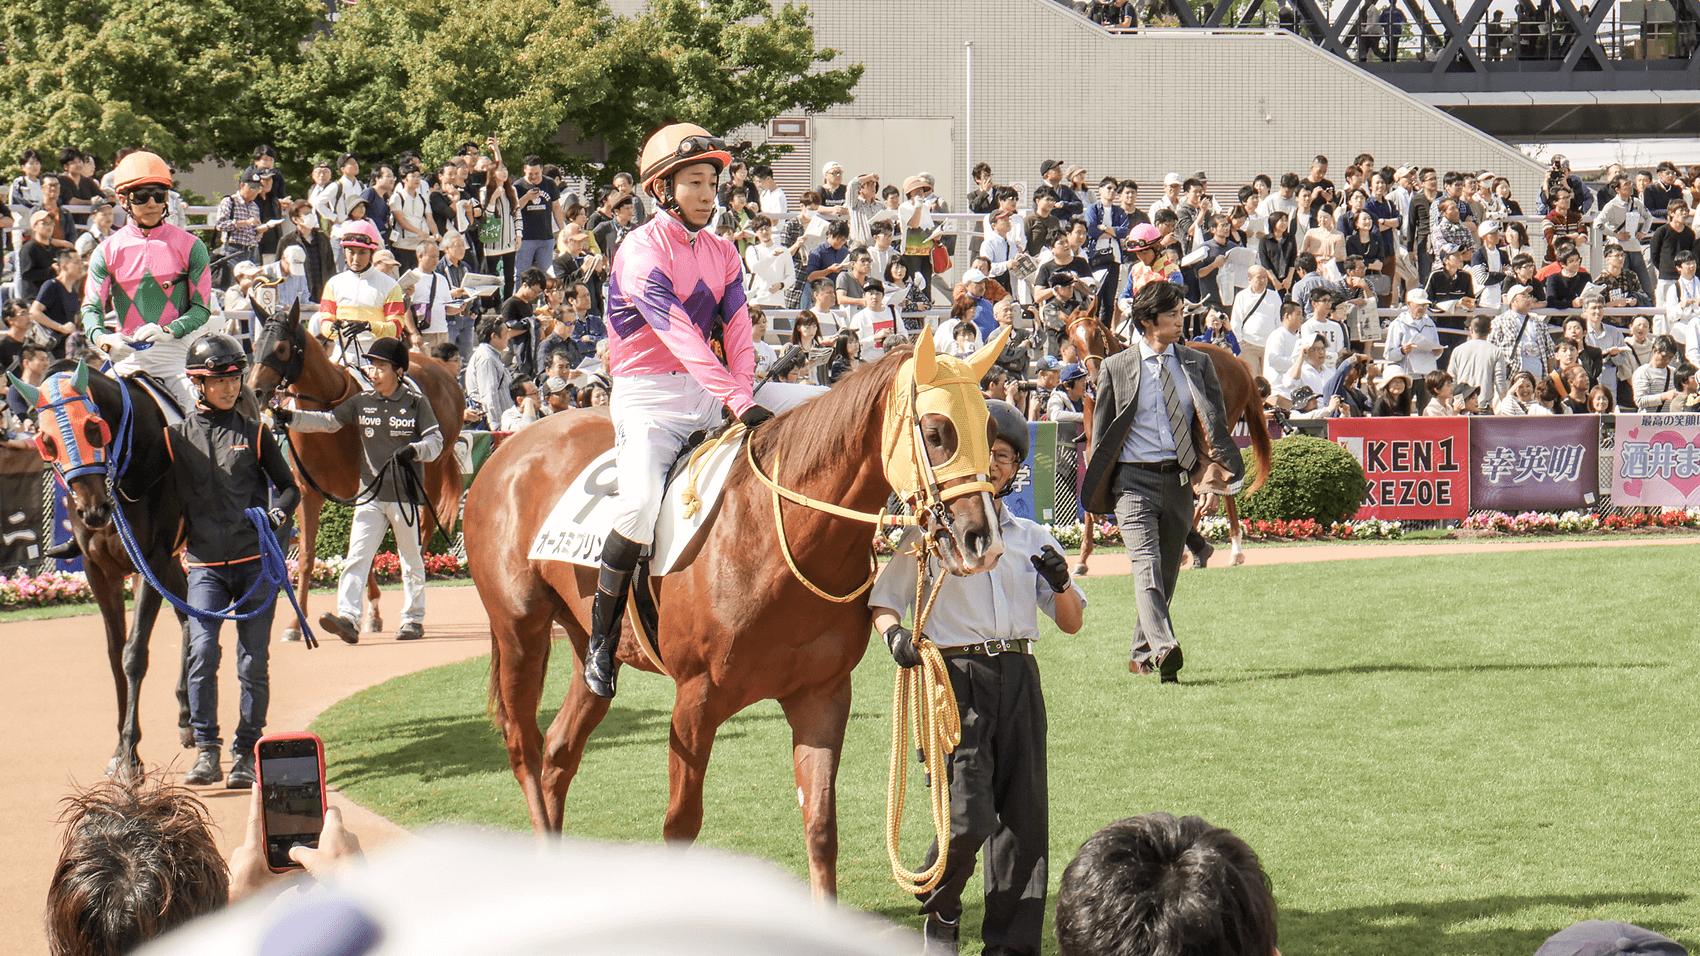 いよいよ秋競馬が開幕。クラシック三冠目の菊花賞を観戦に京都競馬場へ